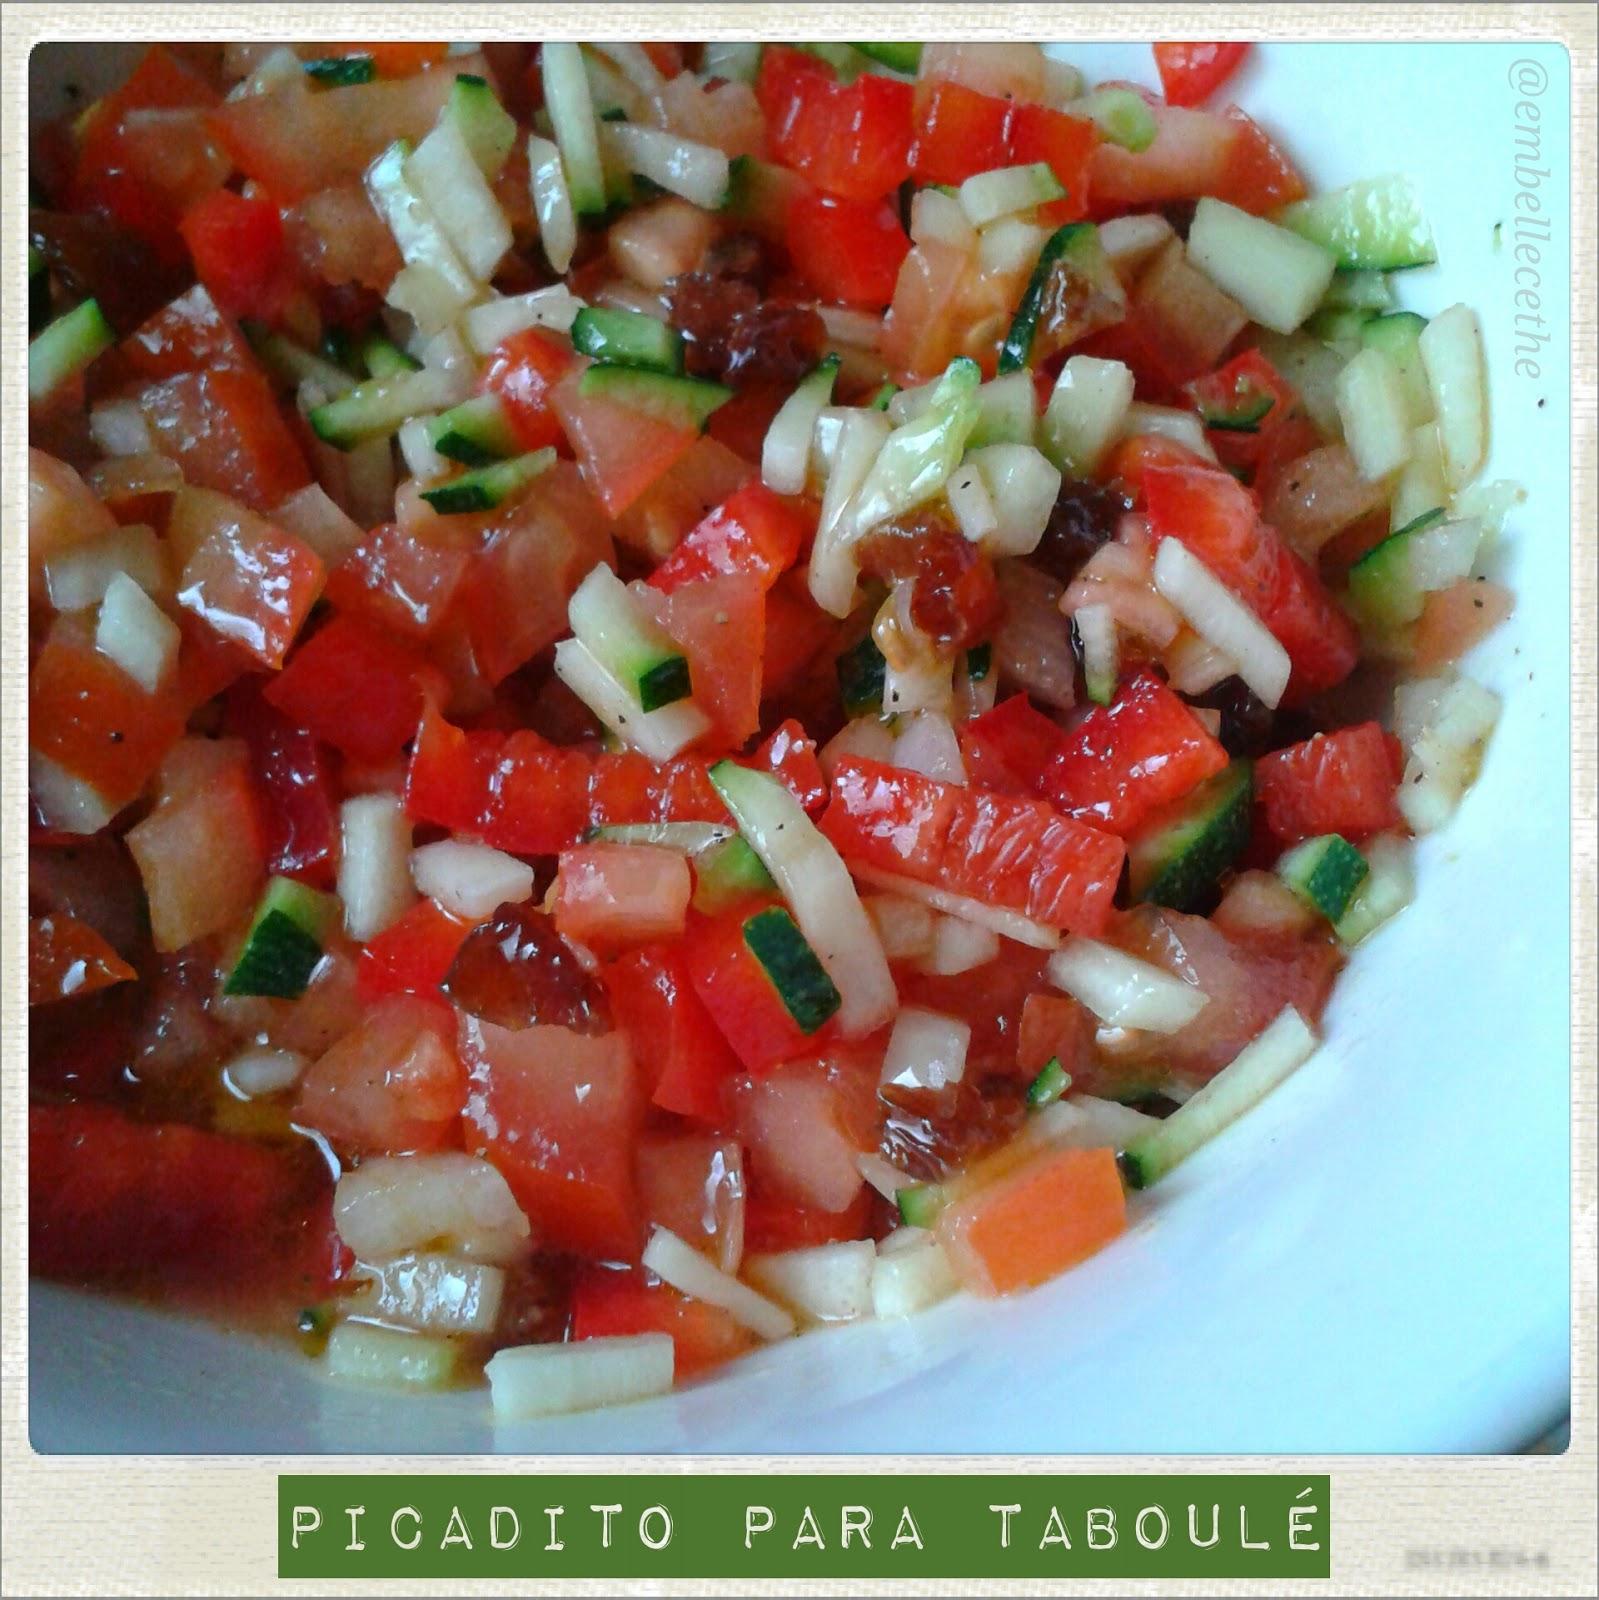 #vegano #vegan #cocinavegana #cocinaligera #cocinarápida #comidacasera #tupper